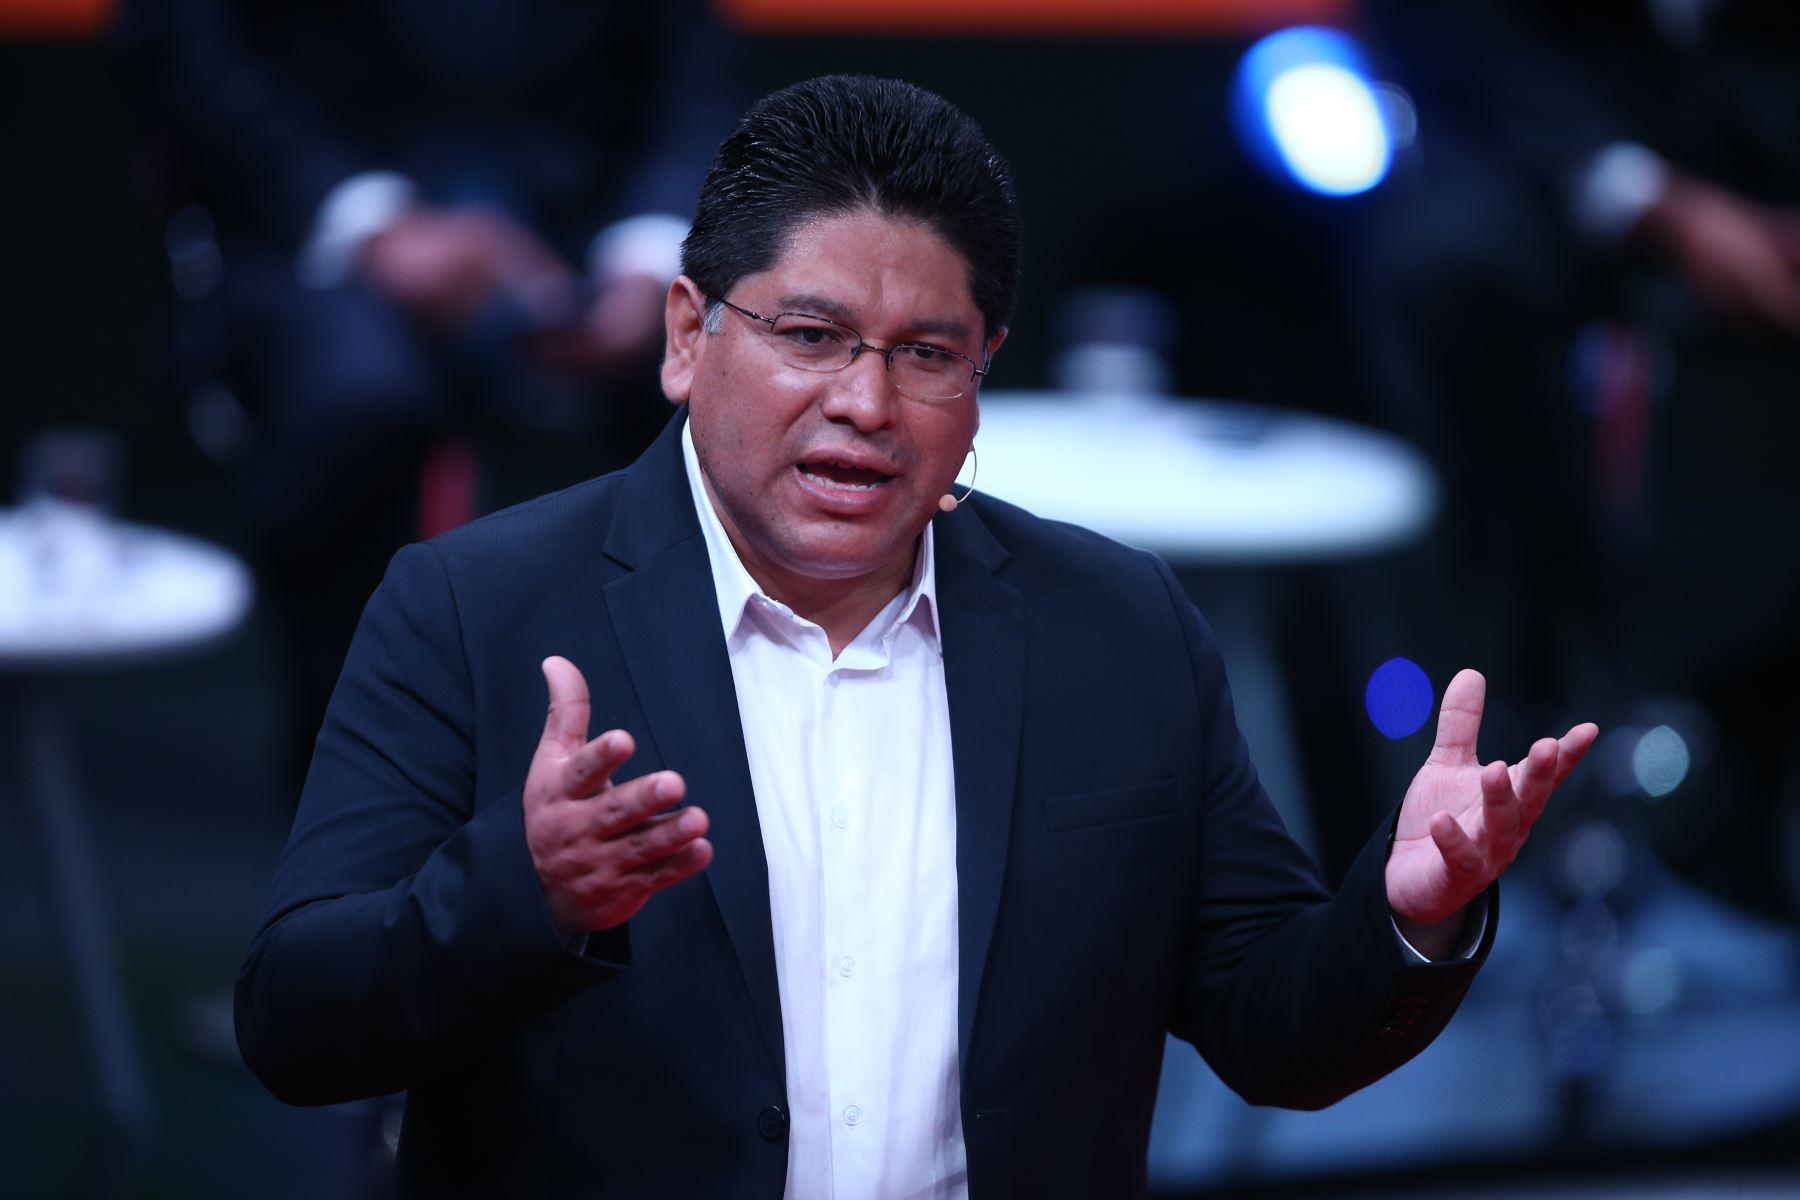 Rennan Espinoza, candidato al Congreso por Somos Perú participa en tercer debate de Lima Metropolitana organizado por JNE. Foto: ANDINA/Vidal Tarqui